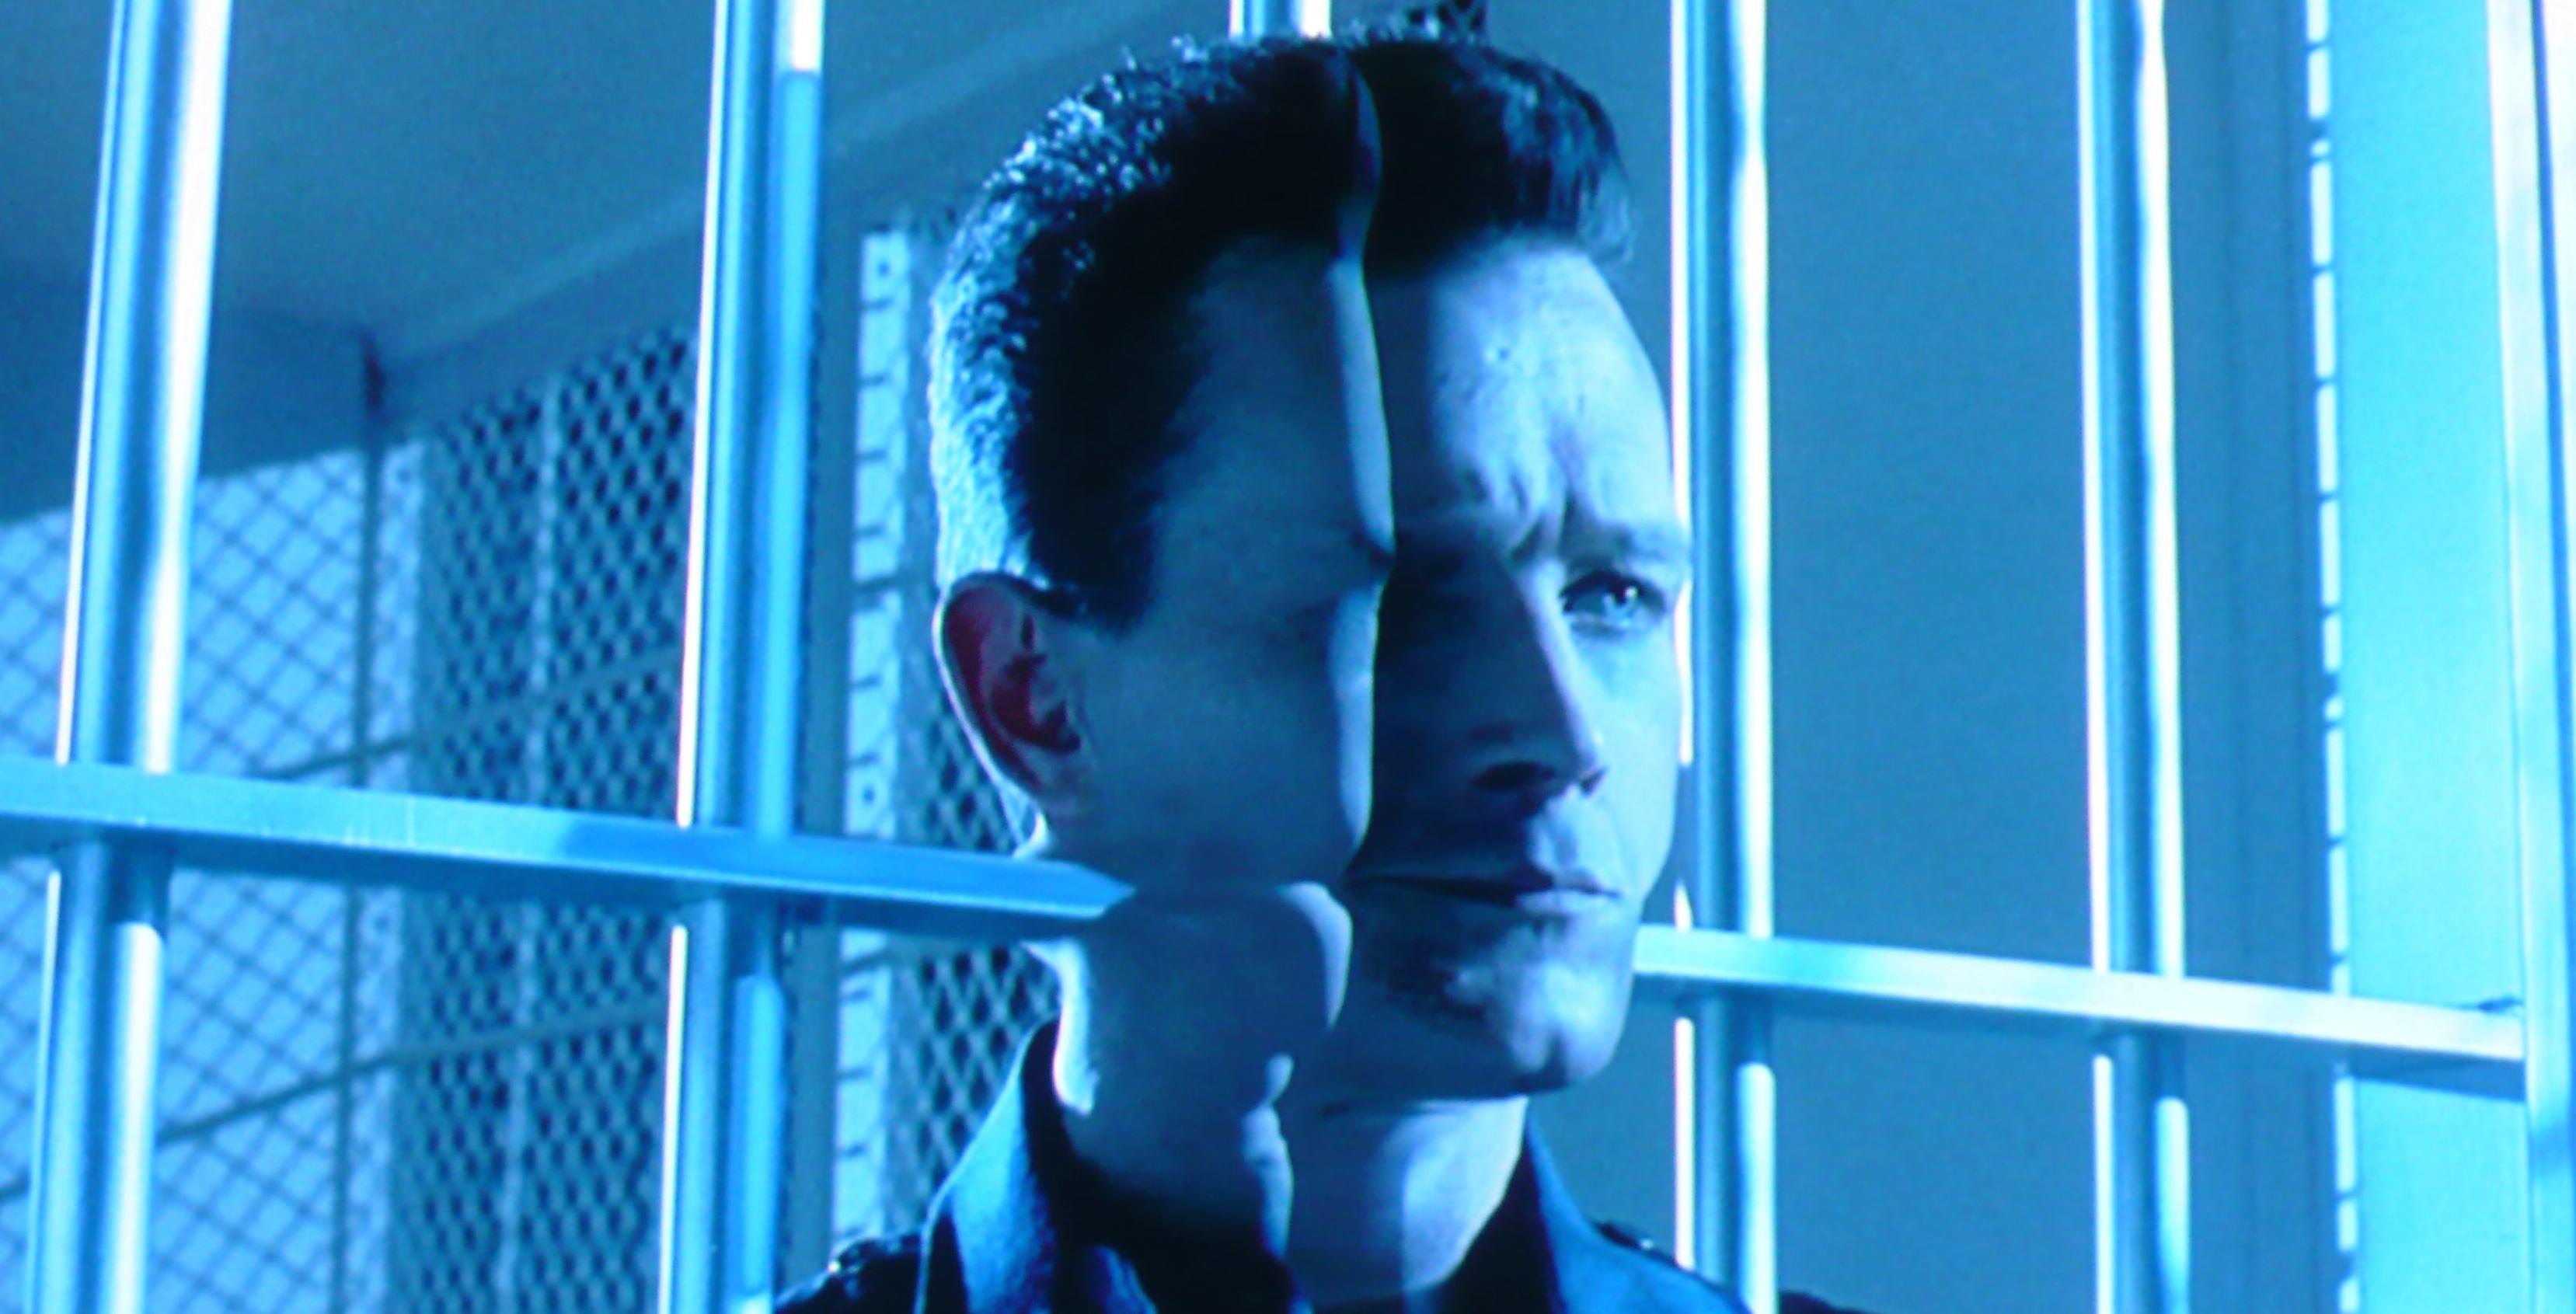 Все фильмы Джеймса Кэмерона Терминатор 2 Судный день (Terminator 2 Judgment Day)